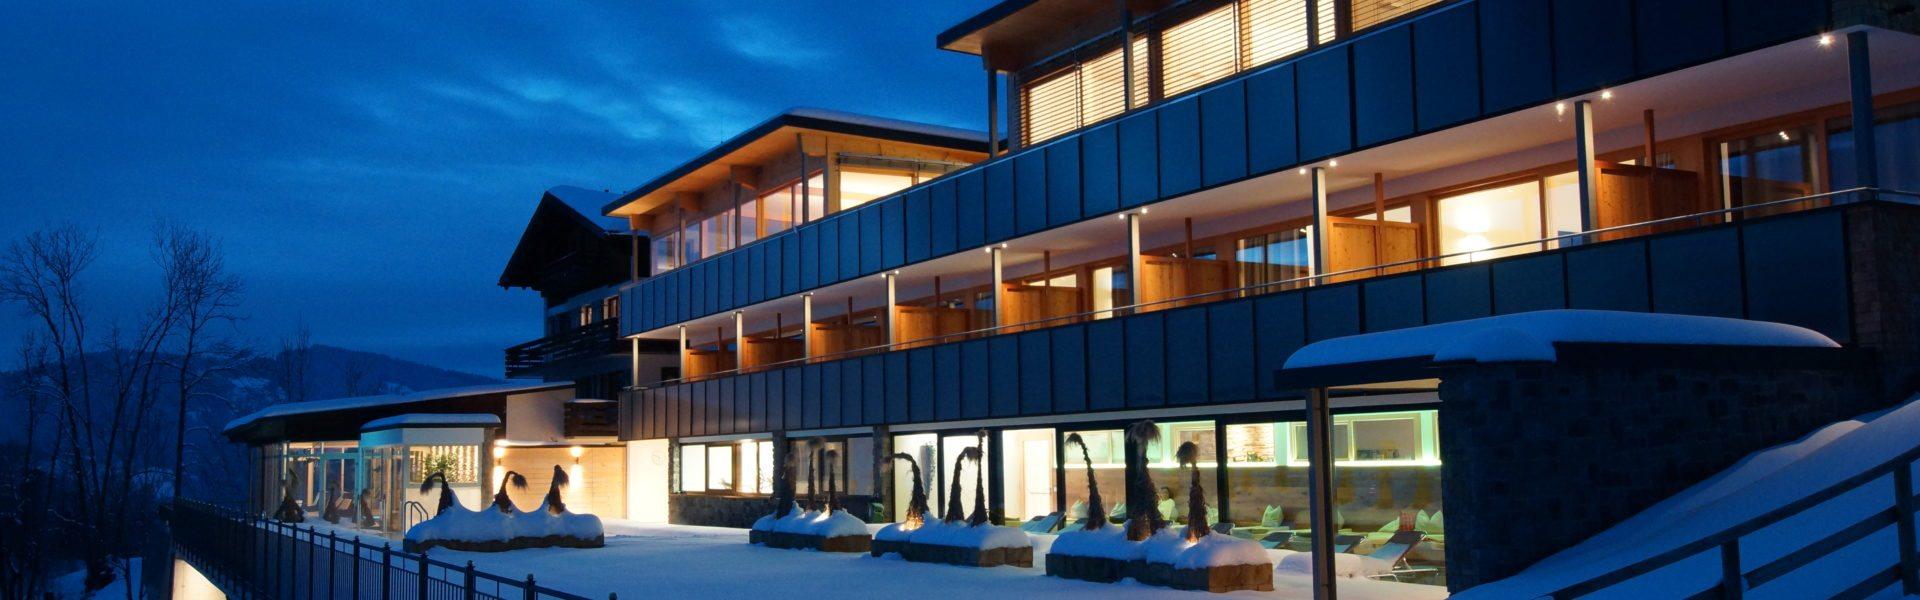 Wellnesshotel St. Hubertus Grossdorf Winter (c) Hotel St. Hubertus